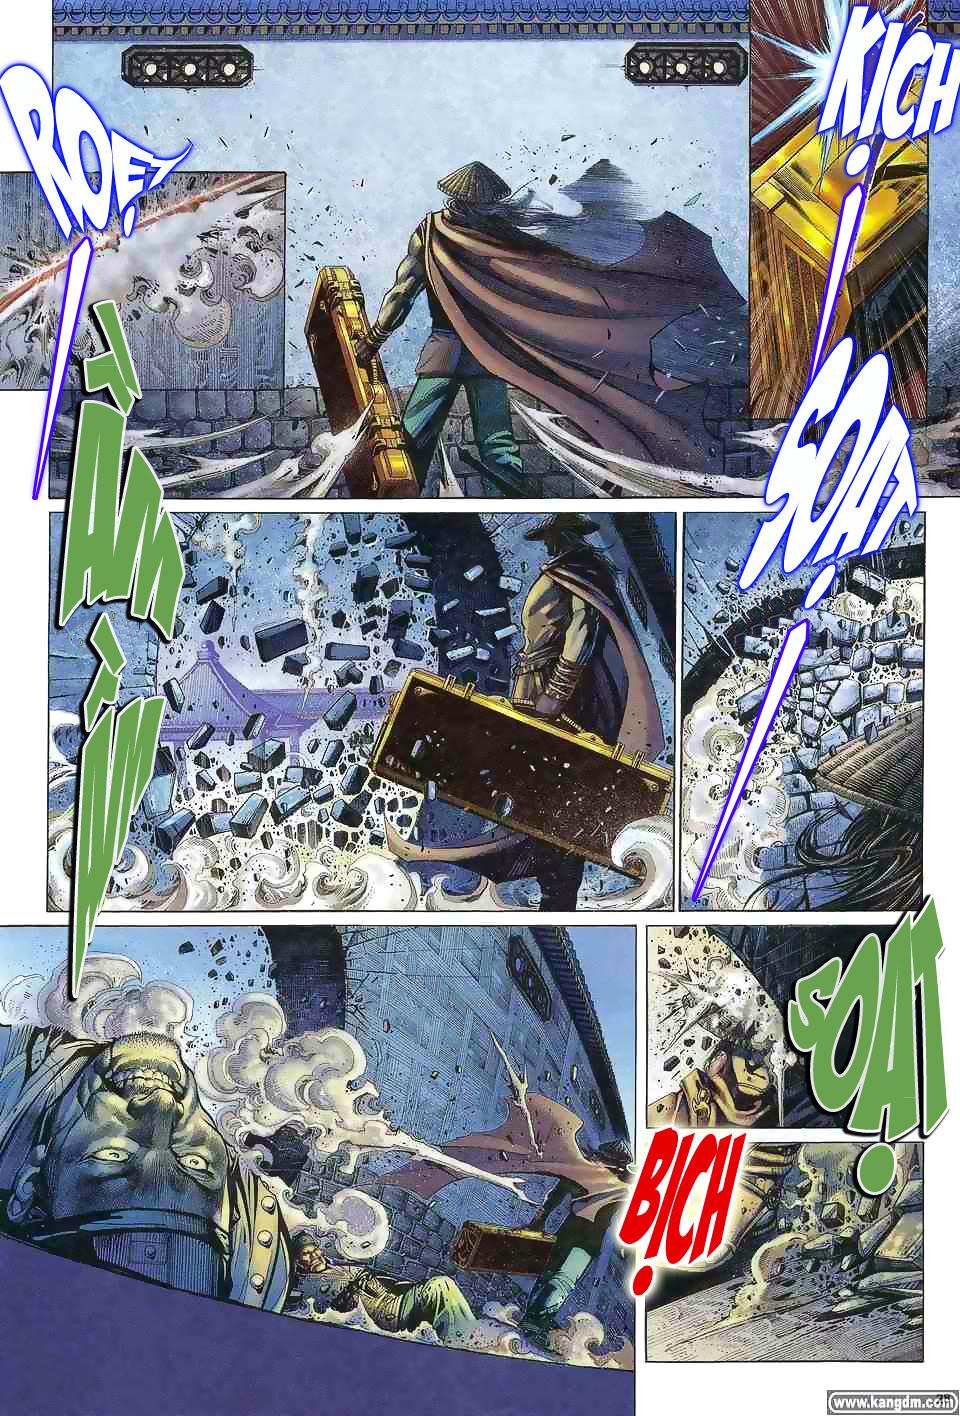 Anh hùng vô lệ chap 1 trang 27